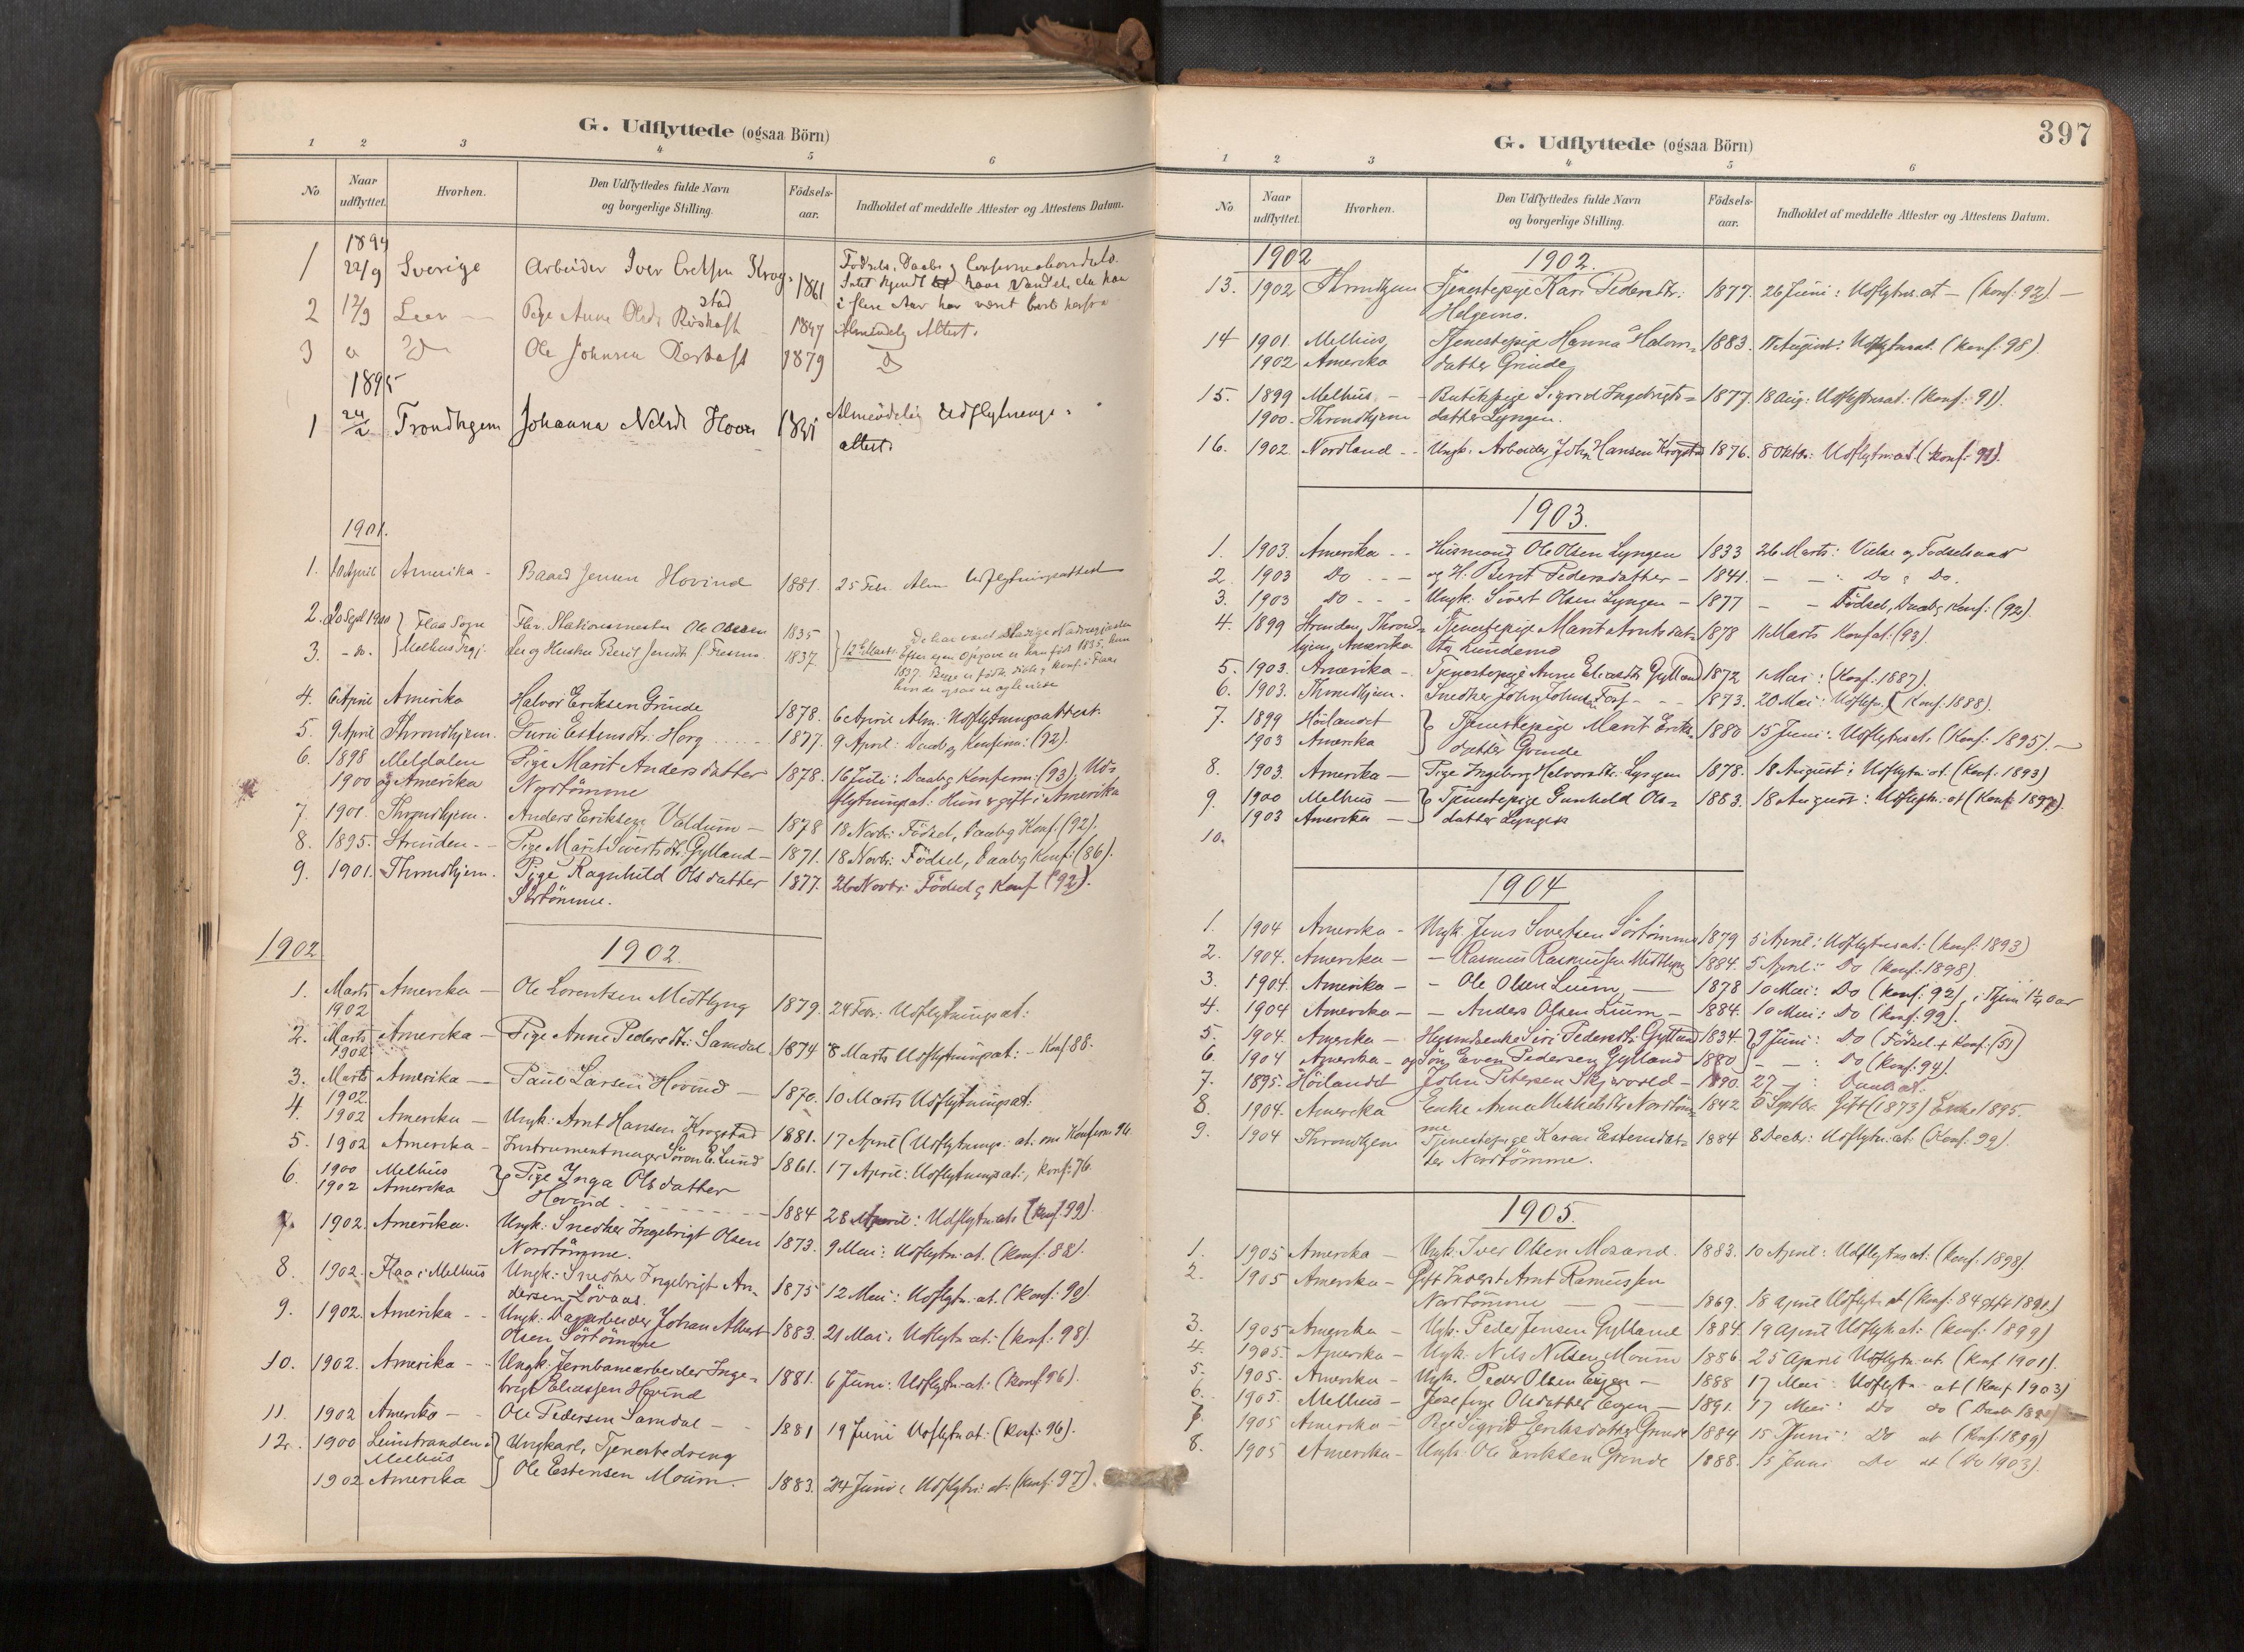 SAT, Ministerialprotokoller, klokkerbøker og fødselsregistre - Sør-Trøndelag, 692/L1105b: Ministerialbok nr. 692A06, 1891-1934, s. 397